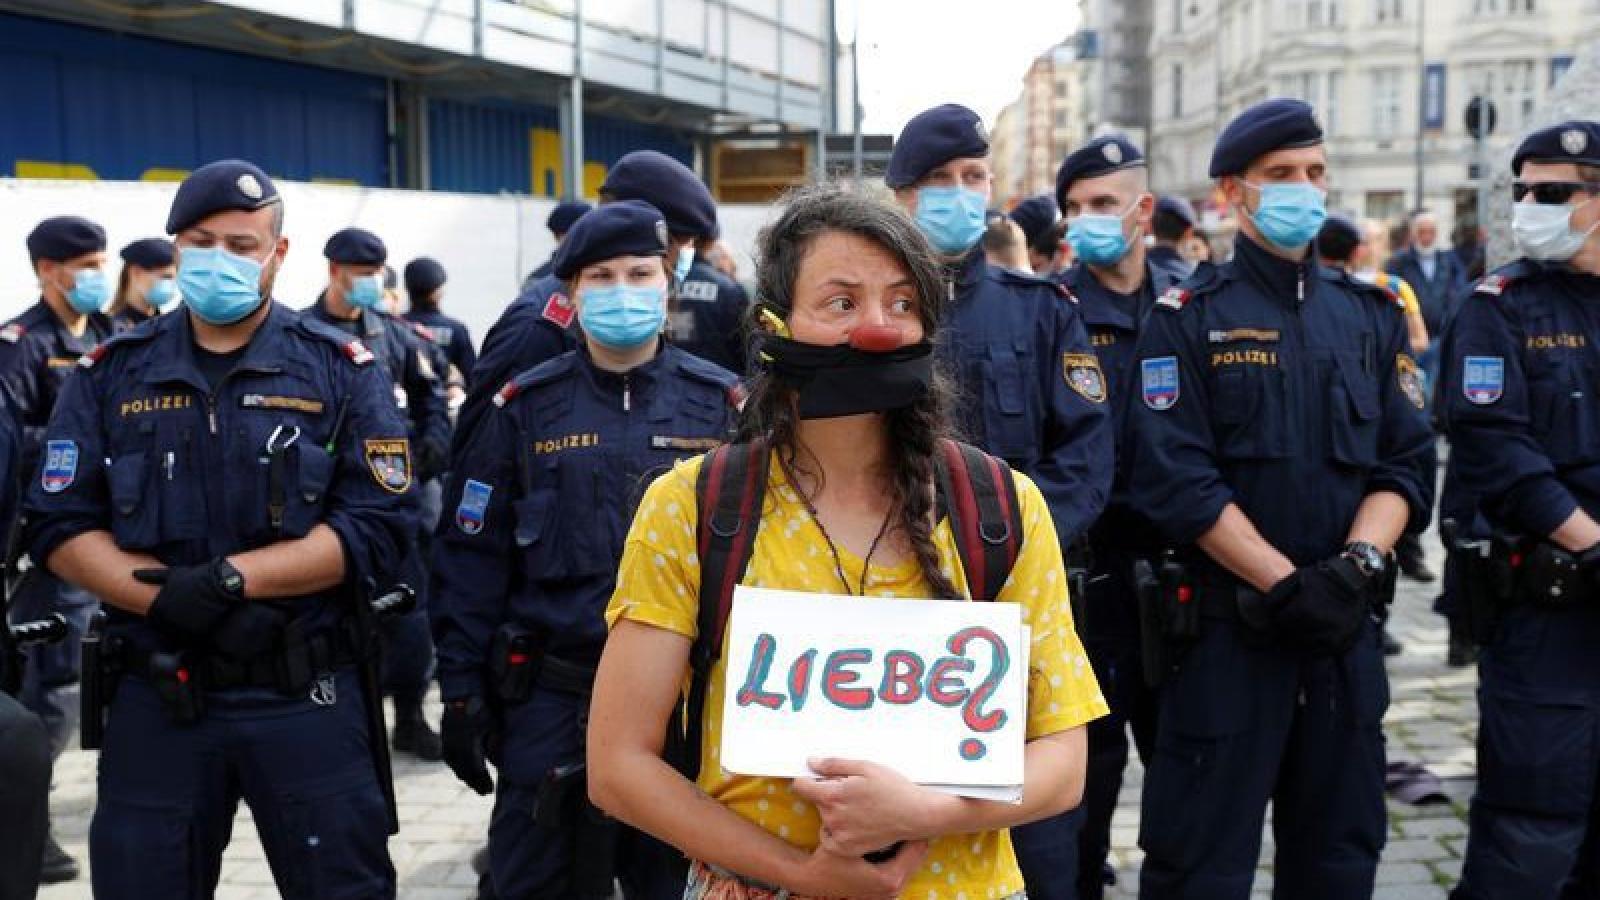 Hàng trăm người biểu tình phản đối biện pháp phòng dịch Covid-19 tại Áo